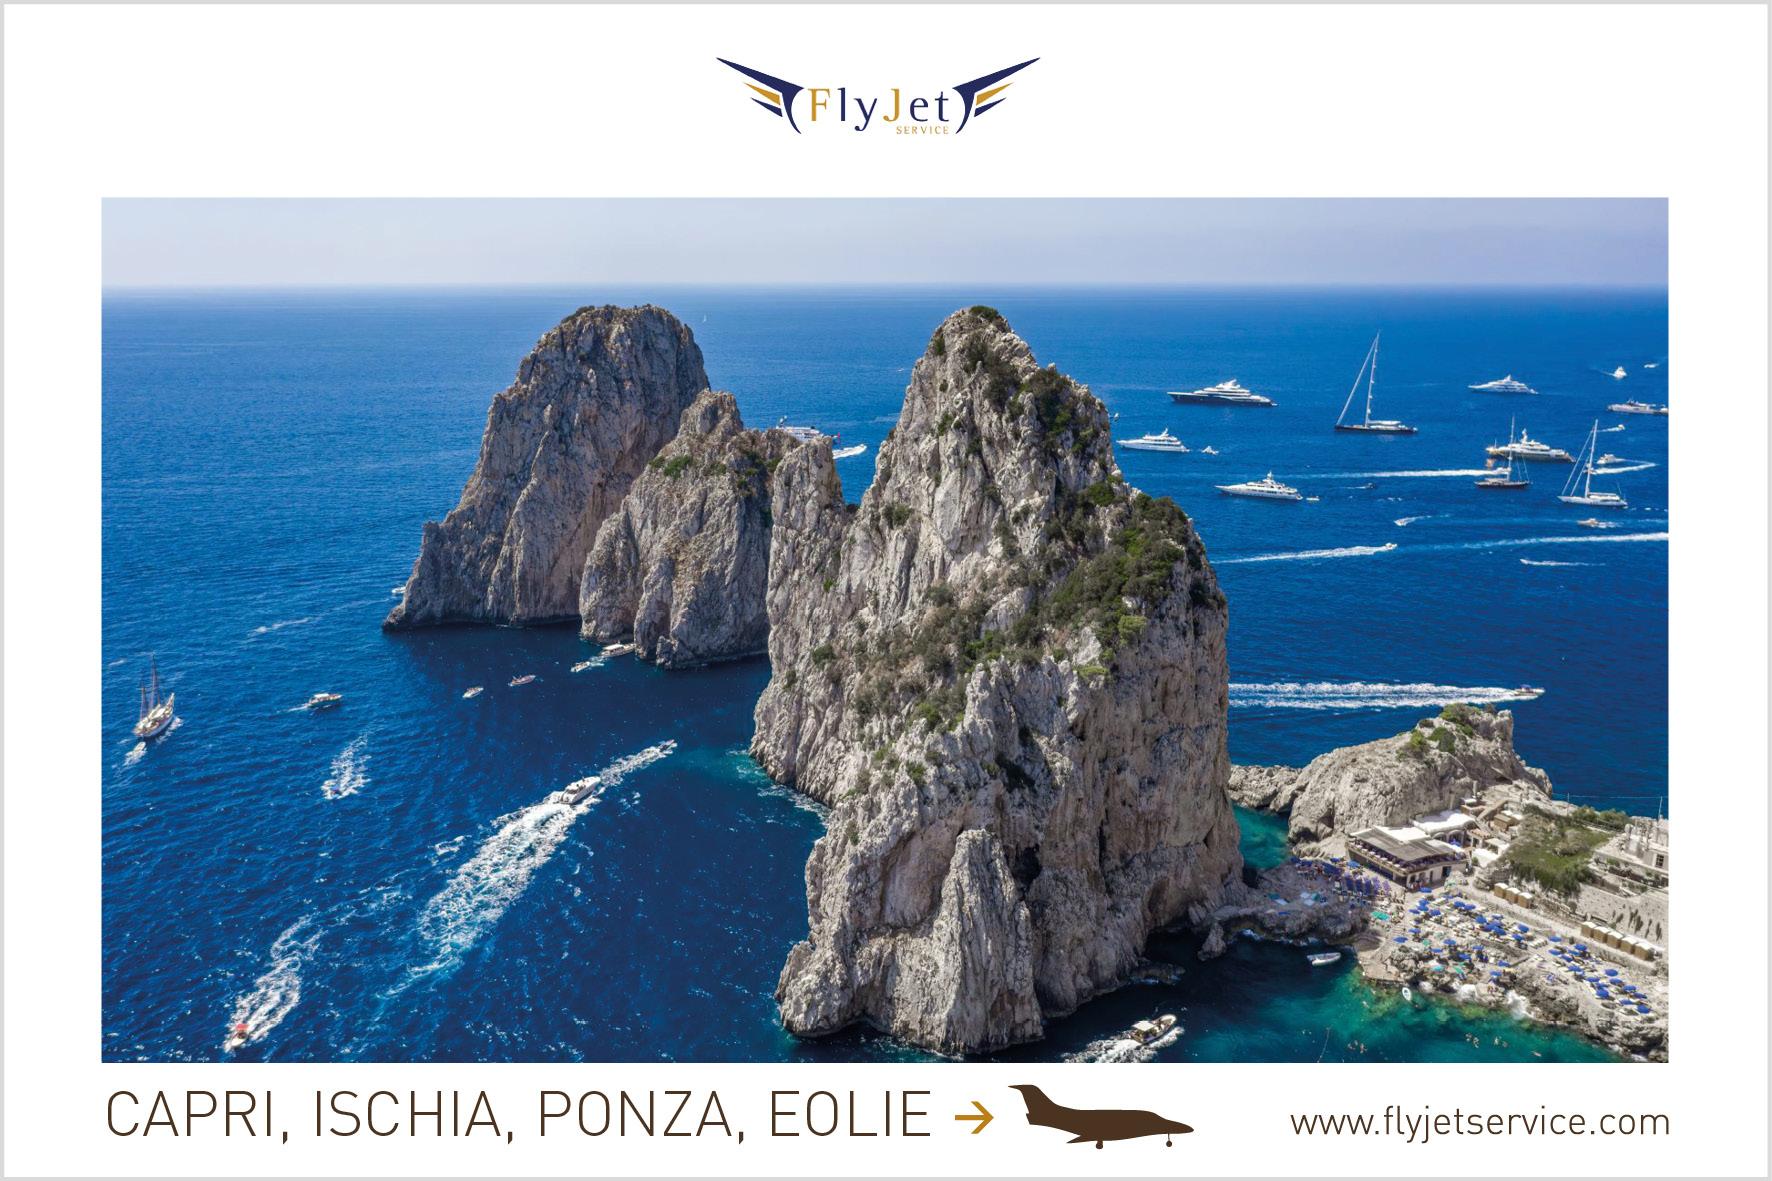 Le isole Italiane si preparano al meglio per un'estate sicura e divertente, tu preparati prenotando in anticipo il volo in jet privato.